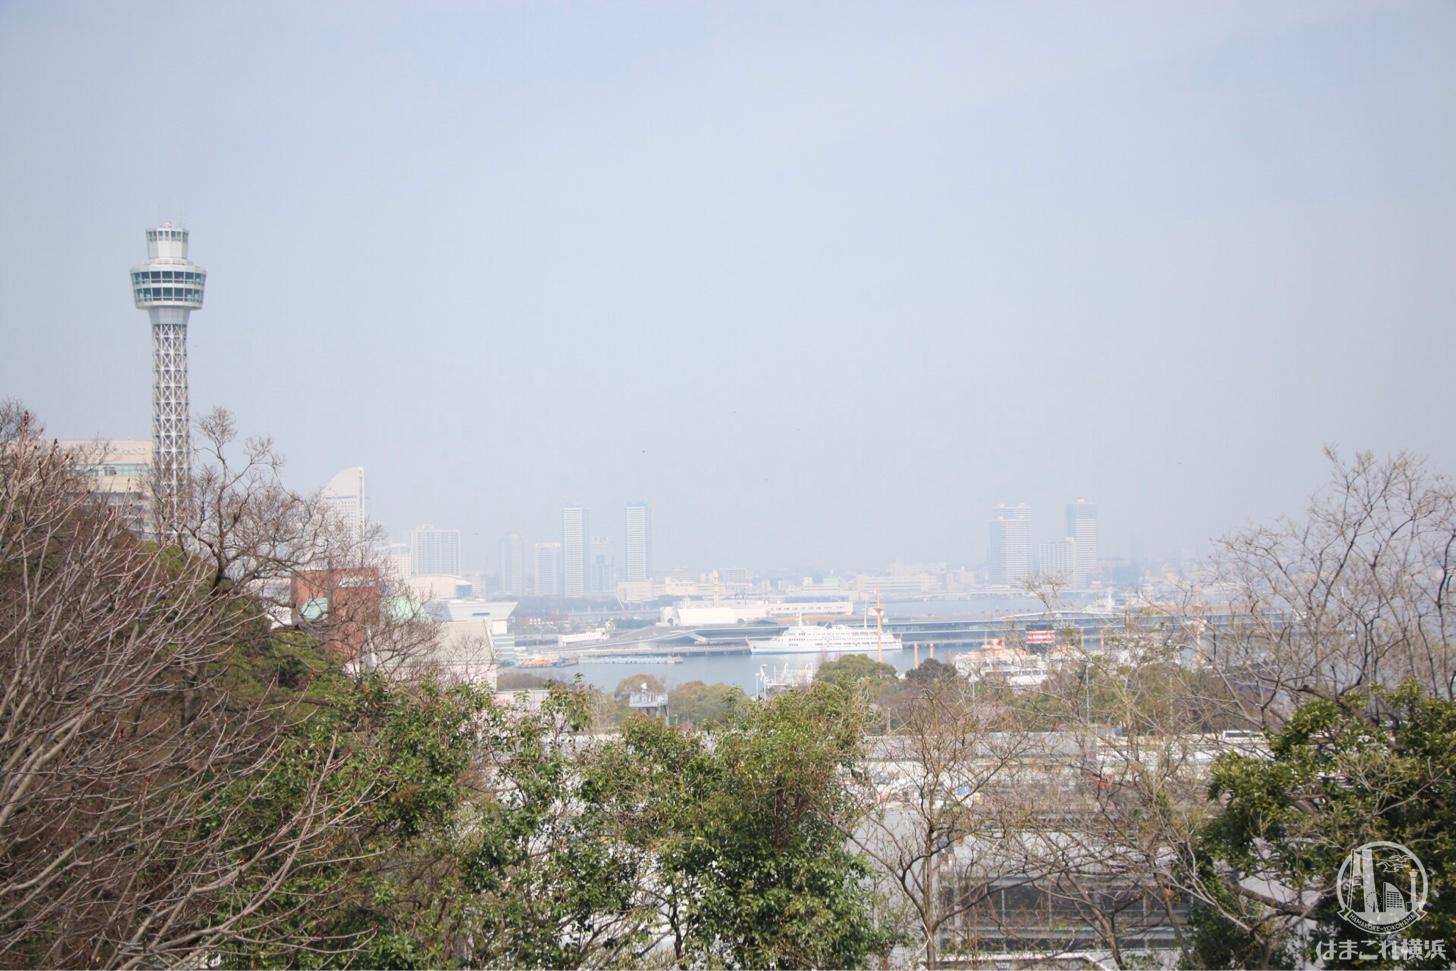 港の見える丘公園から見たみなとみらい